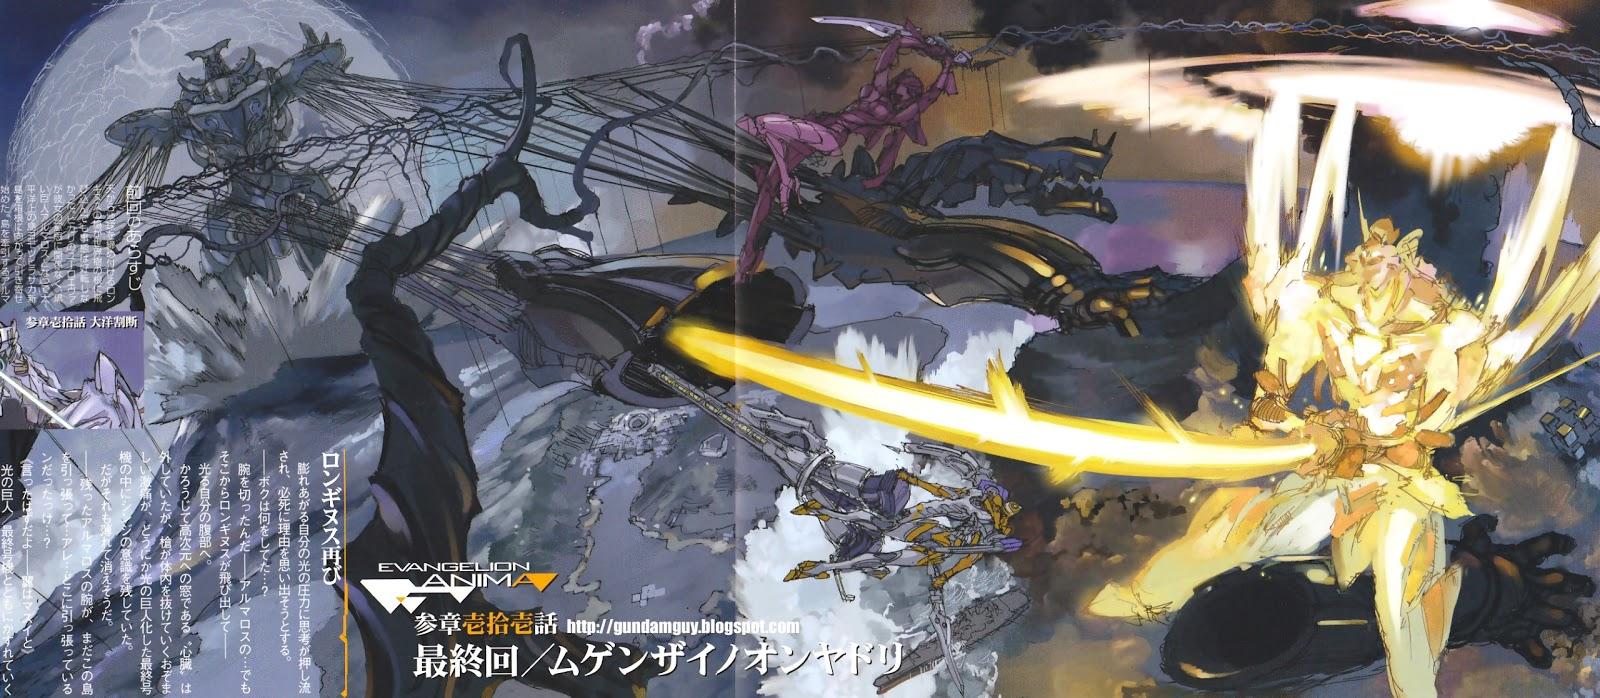 http://2.bp.blogspot.com/-I3WAa1mZkfg/UTSsF9Er_FI/AAAAAAAEjxU/Va32Le3yf-o/s1600/1gg.jpg